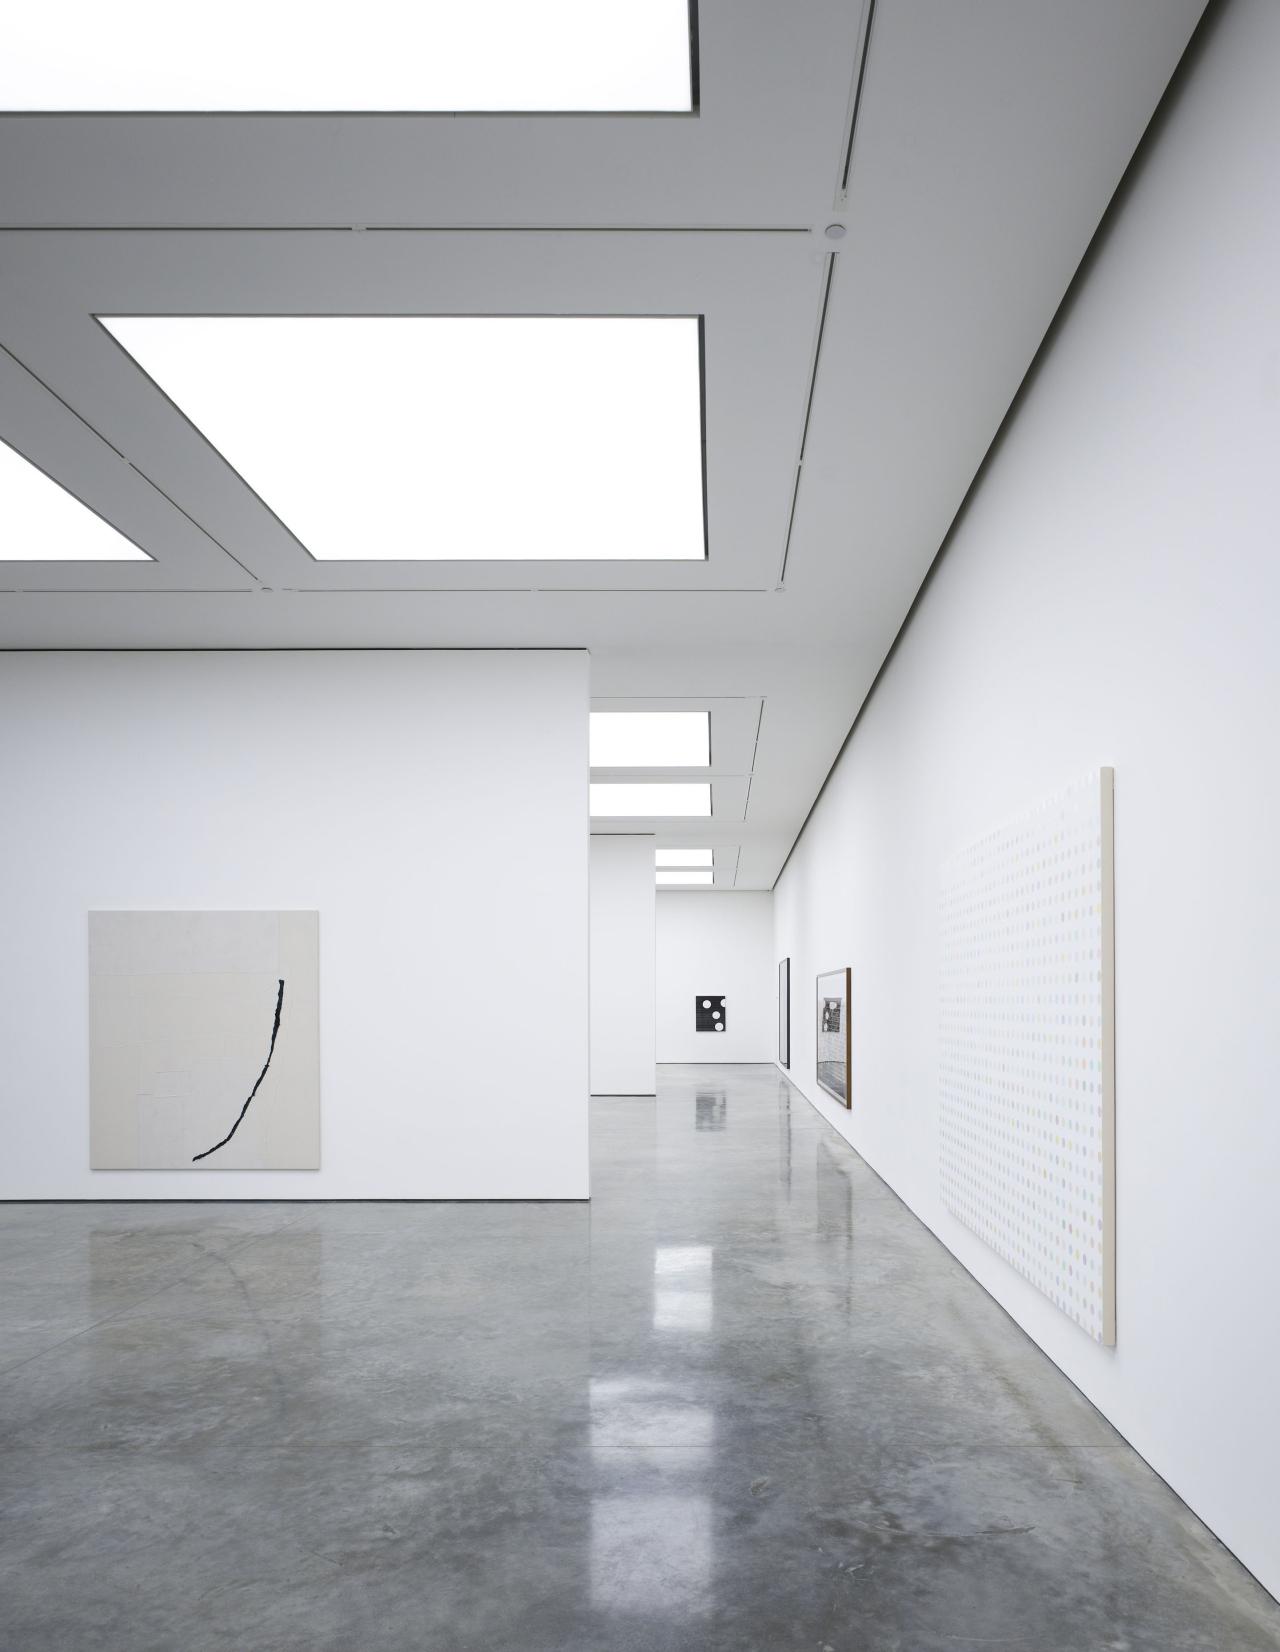 Gallery Of White Cube Bermondsey Casper Mueller Kneer